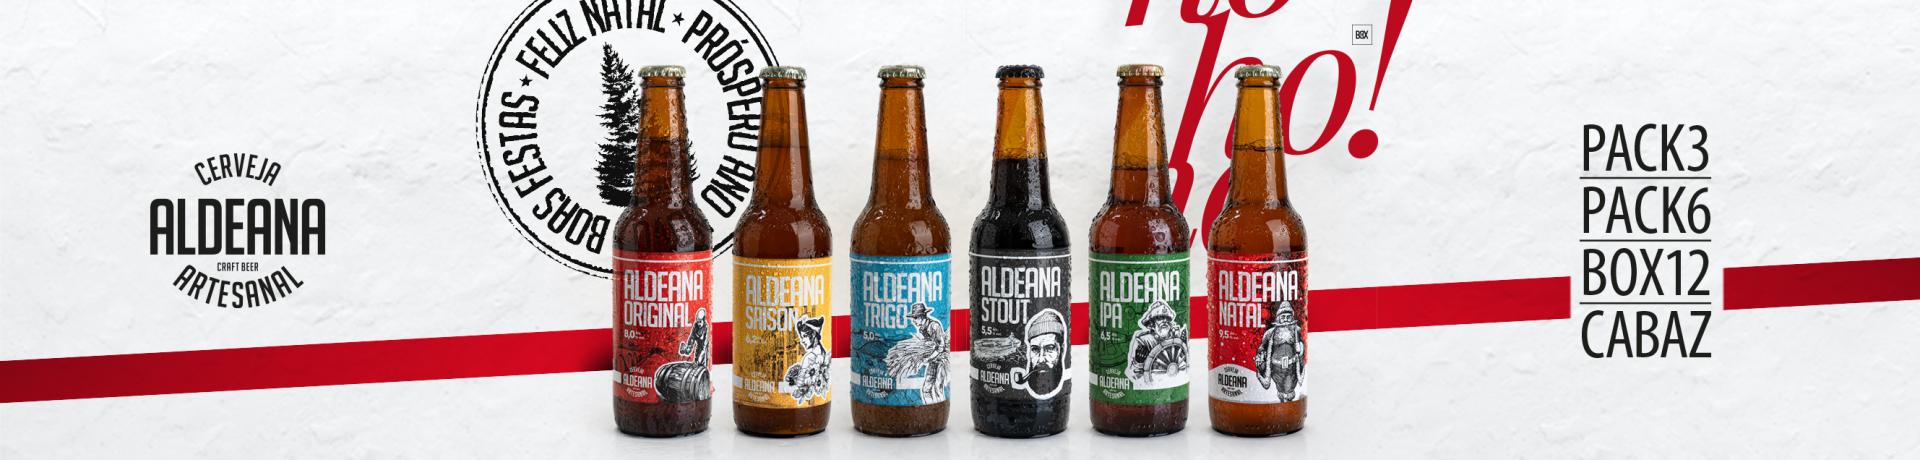 Cerveja Aldeana